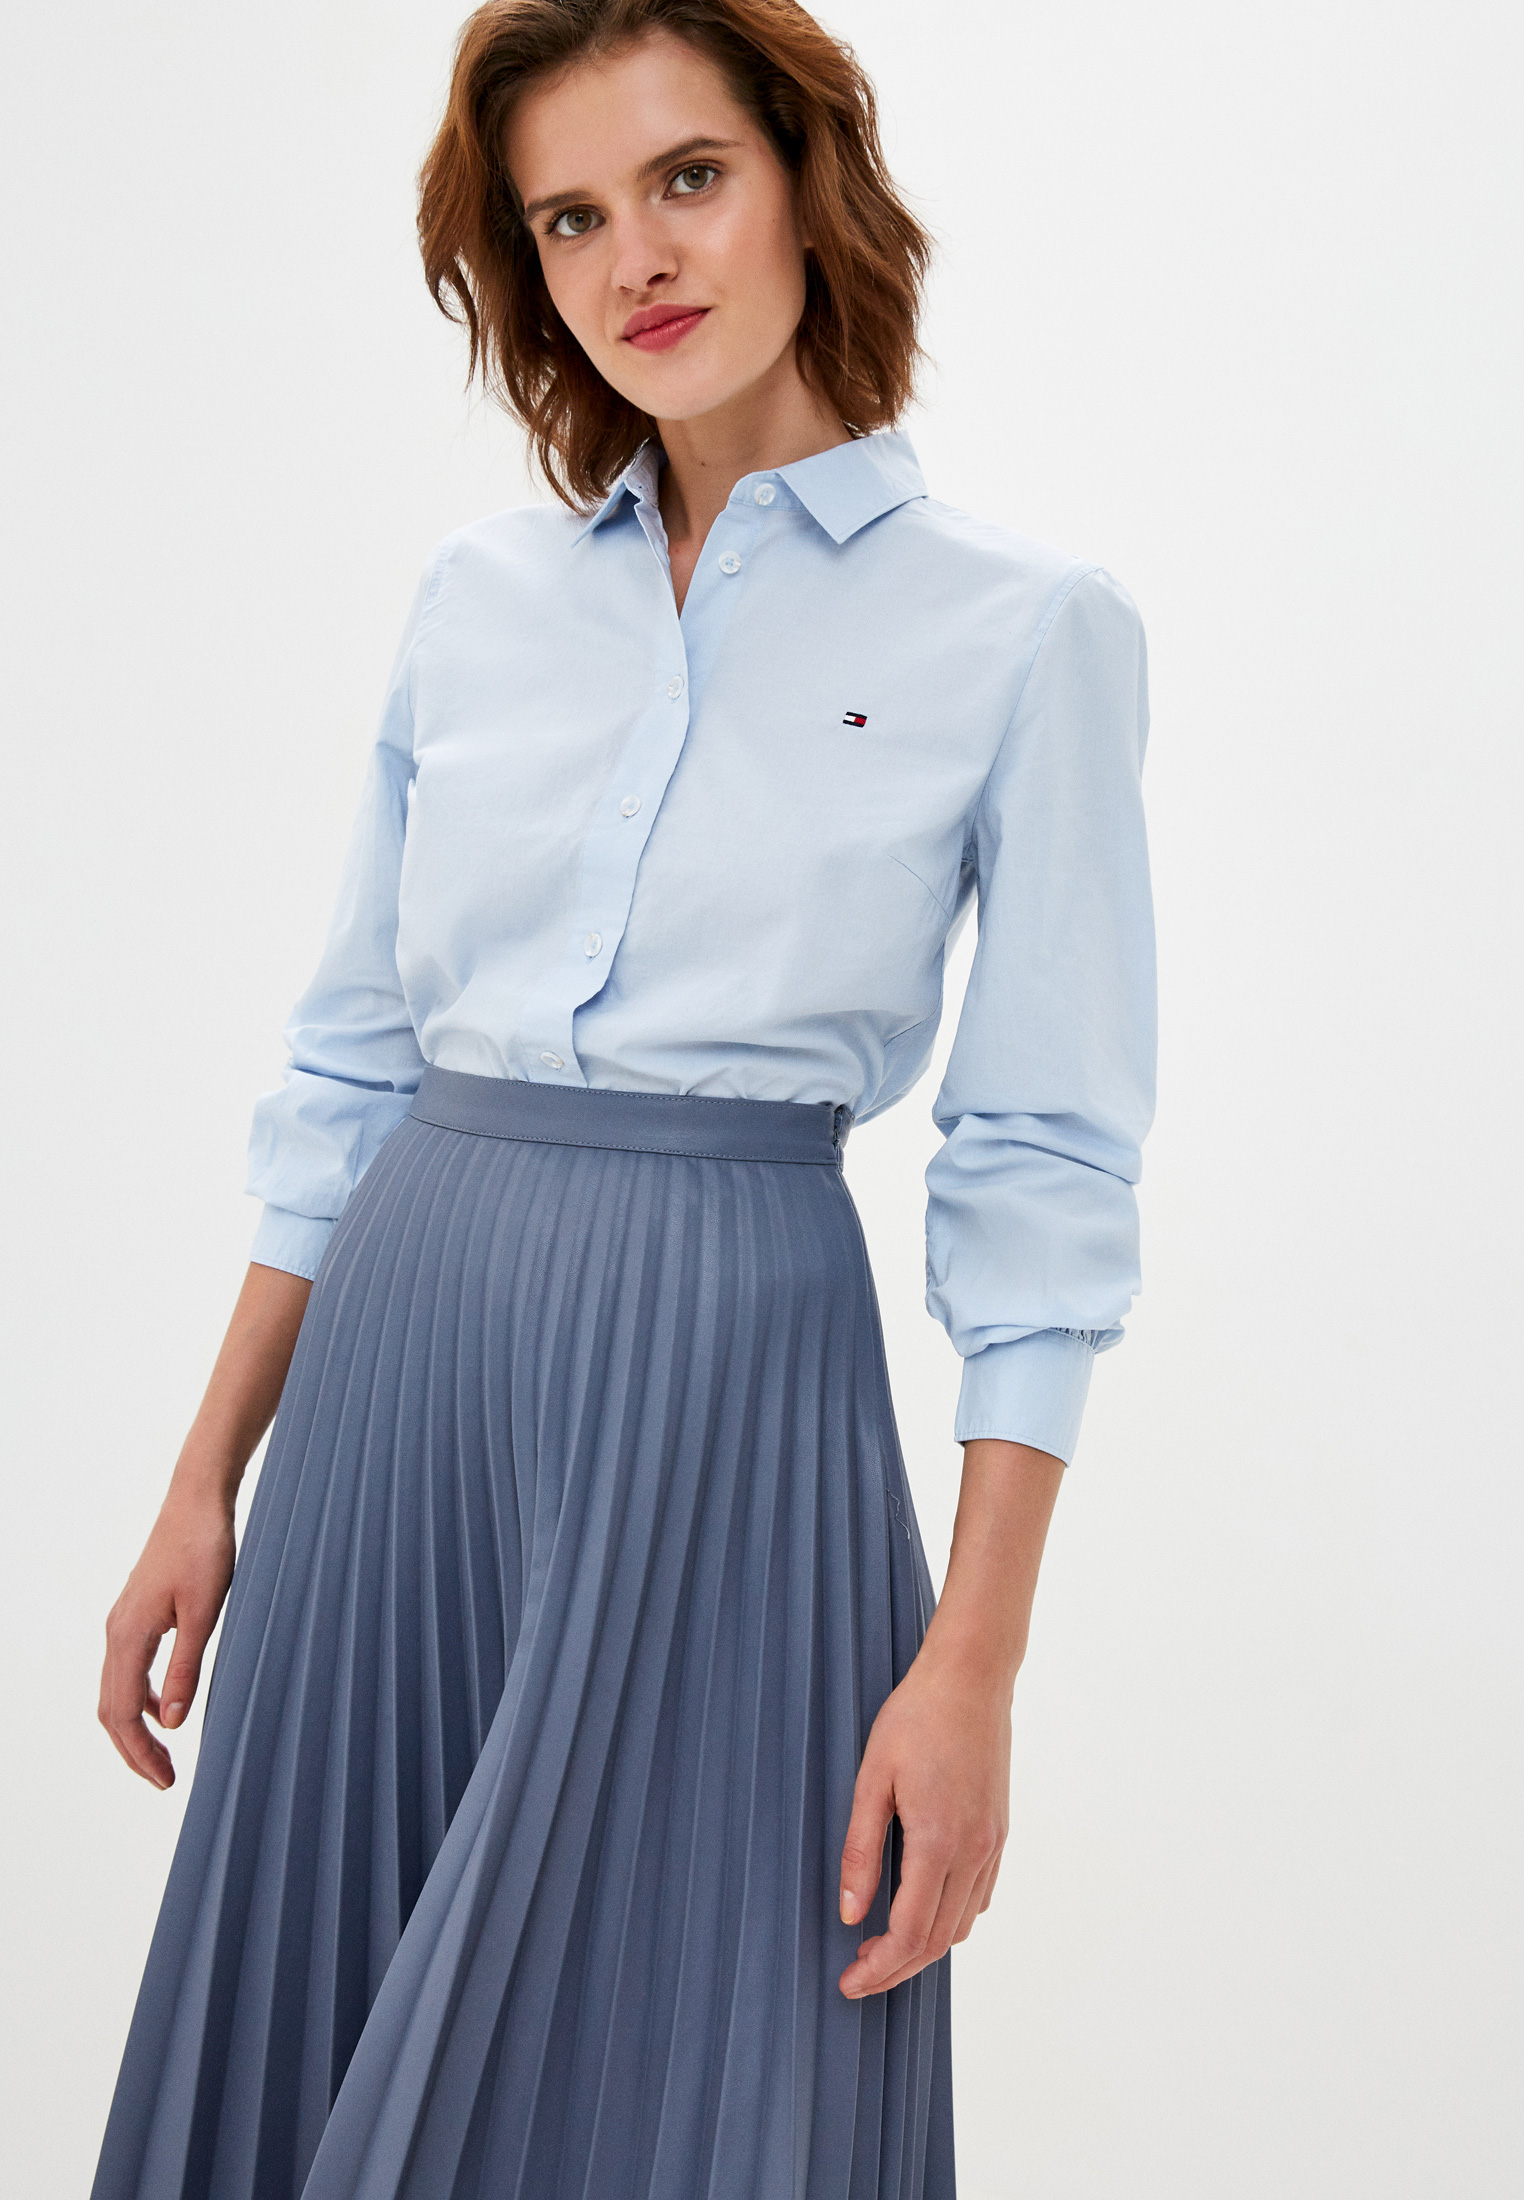 Женские рубашки с длинным рукавом Tommy Hilfiger (Томми Хилфигер) WW0WW27371